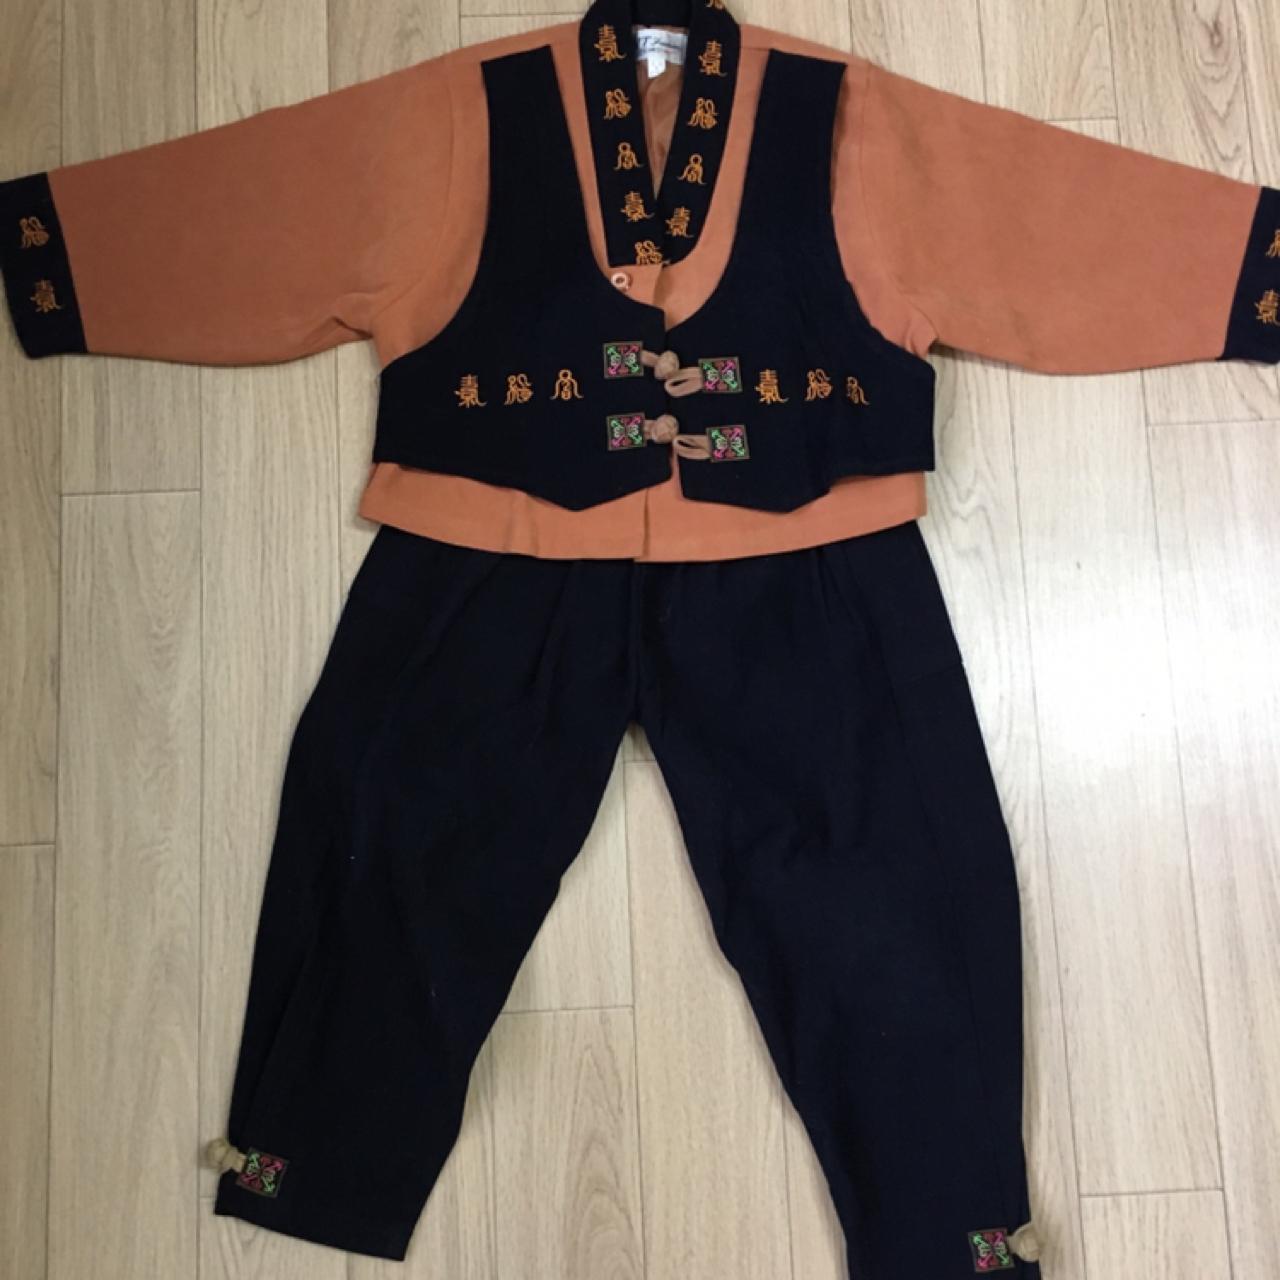 한복 남자한복 유아한복 아동한복 개량한복